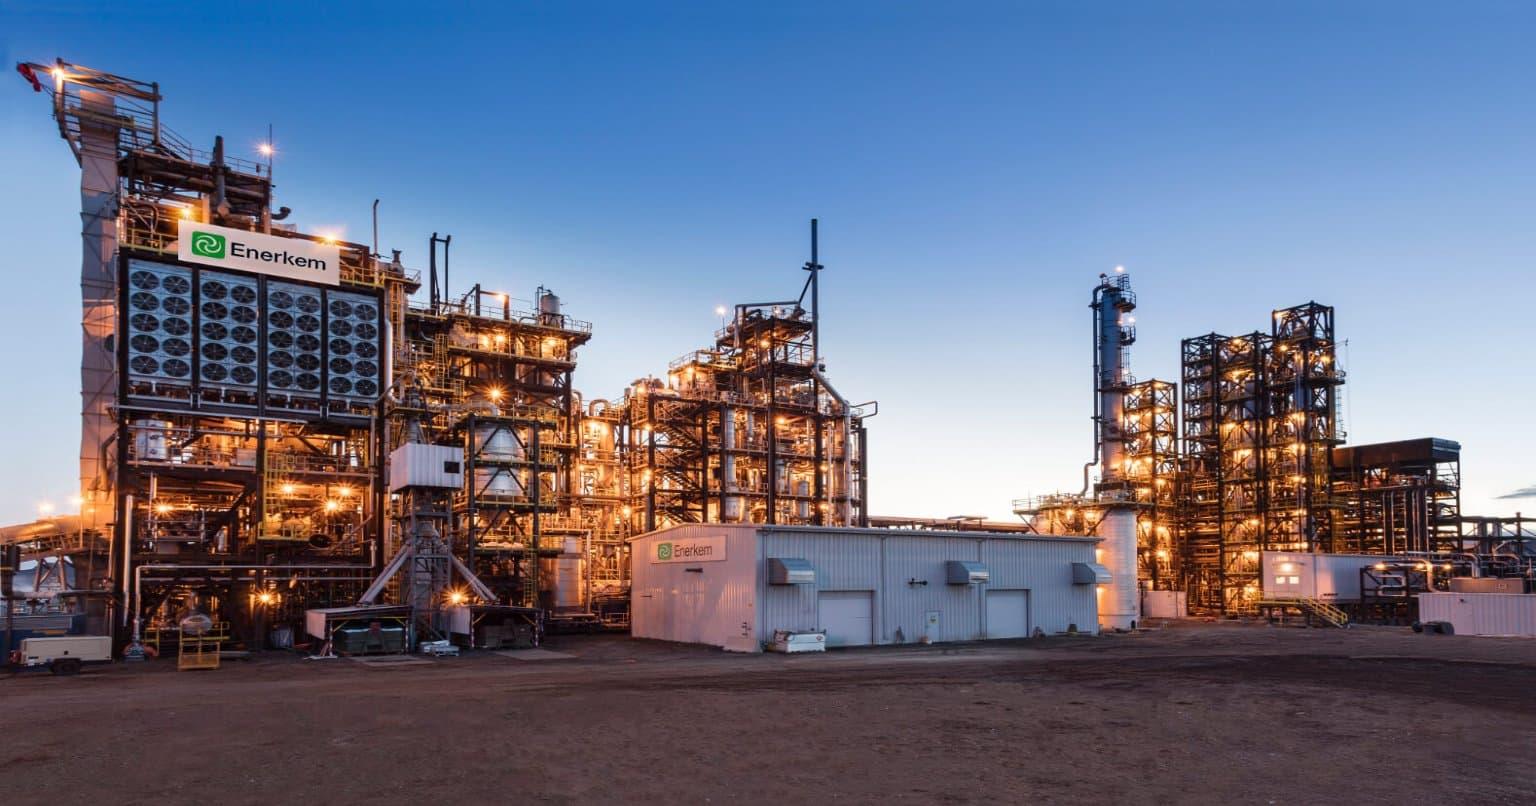 La conversion des déchets en biocarburants à l'usine Enerkem d'Edmonton, en Alberta